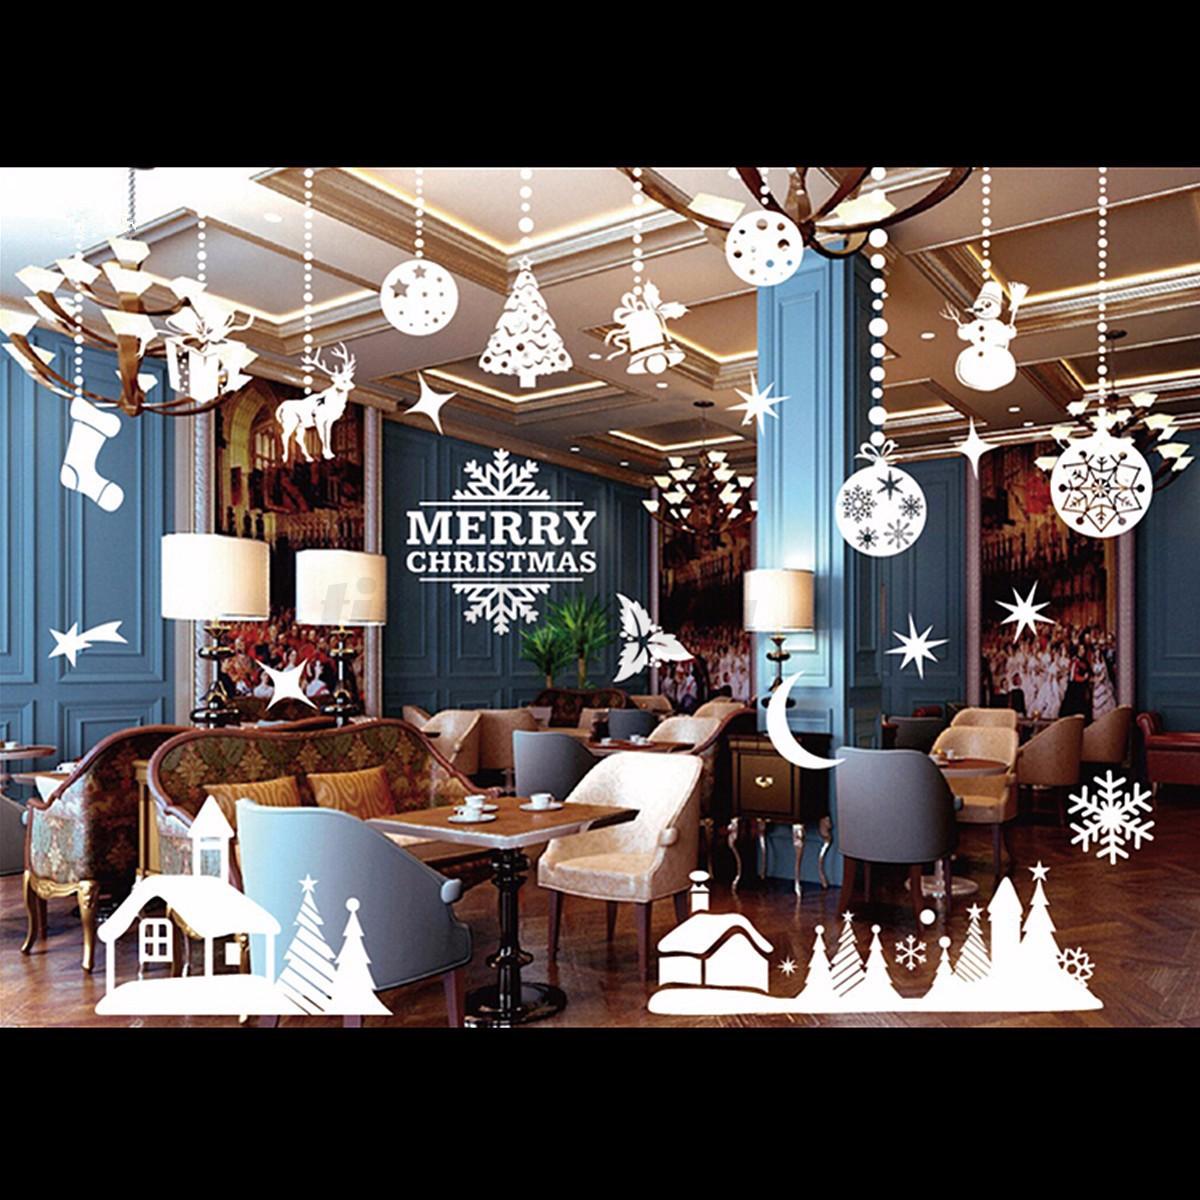 #387393 Blanc Père Noël Amovible Art Fenêtre À Faire Soi Même  6301 decoration fenetre noel a faire soi meme 1200x1200 px @ aertt.com